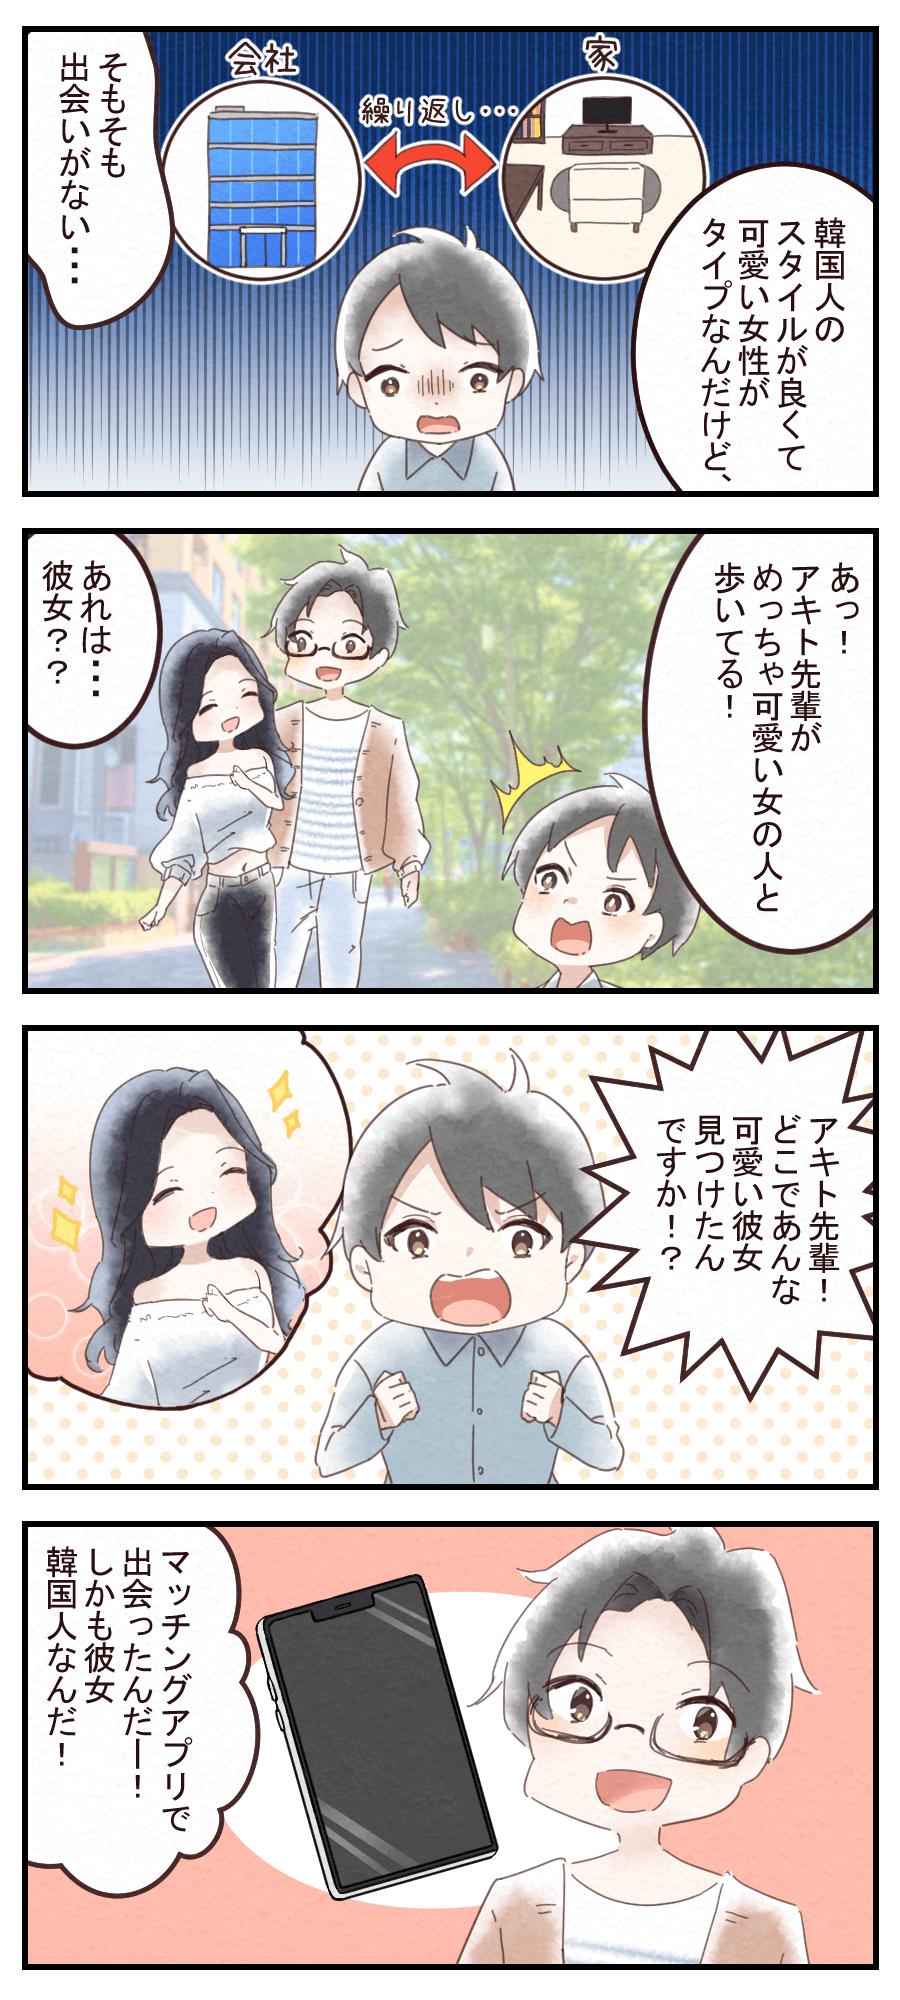 韓国人漫画1